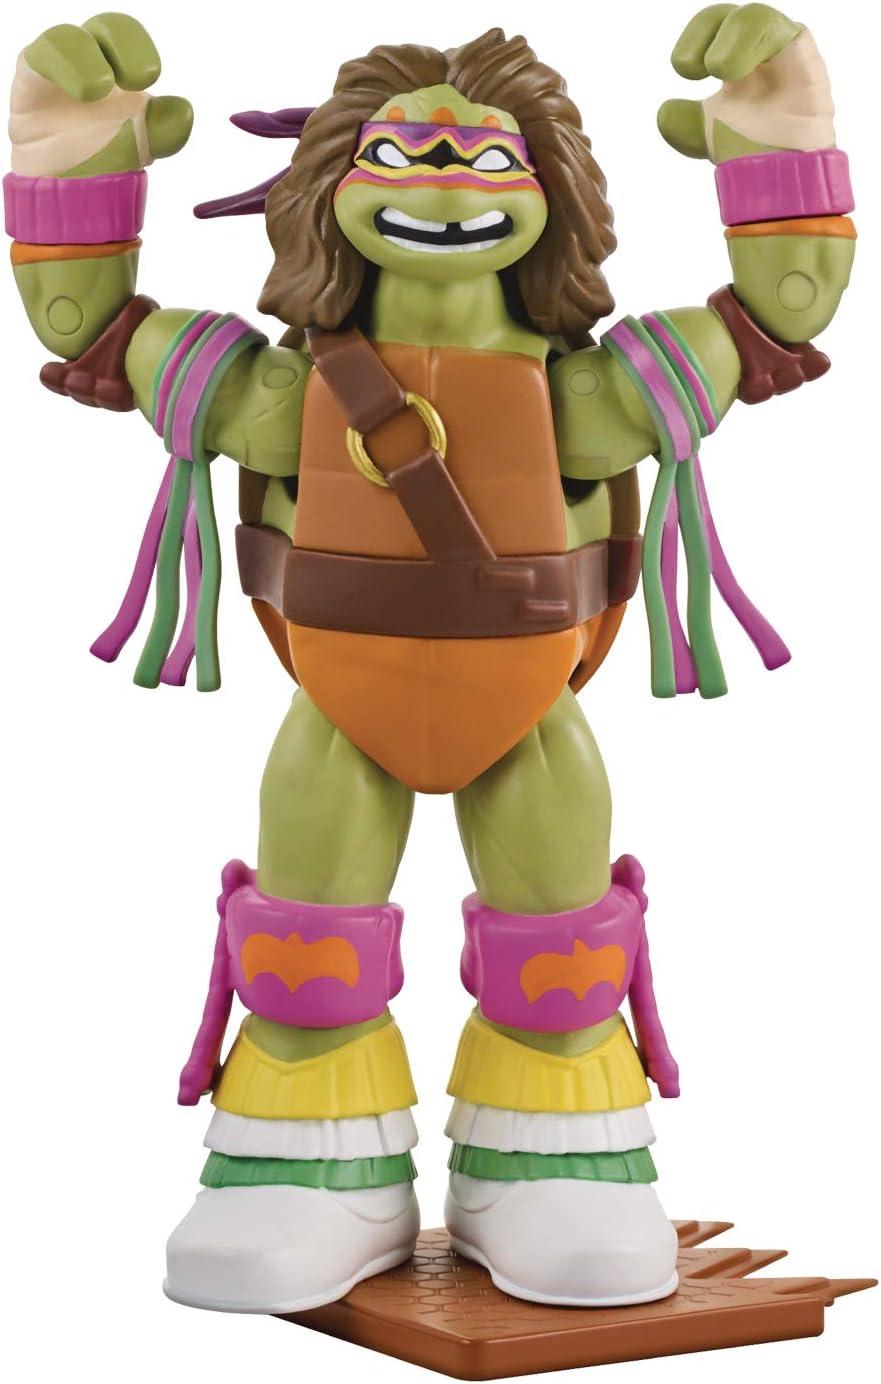 Teenage Mutant Ninja Turtles Ninja Super Stars: Donatello as Ultimate Warrior Figure